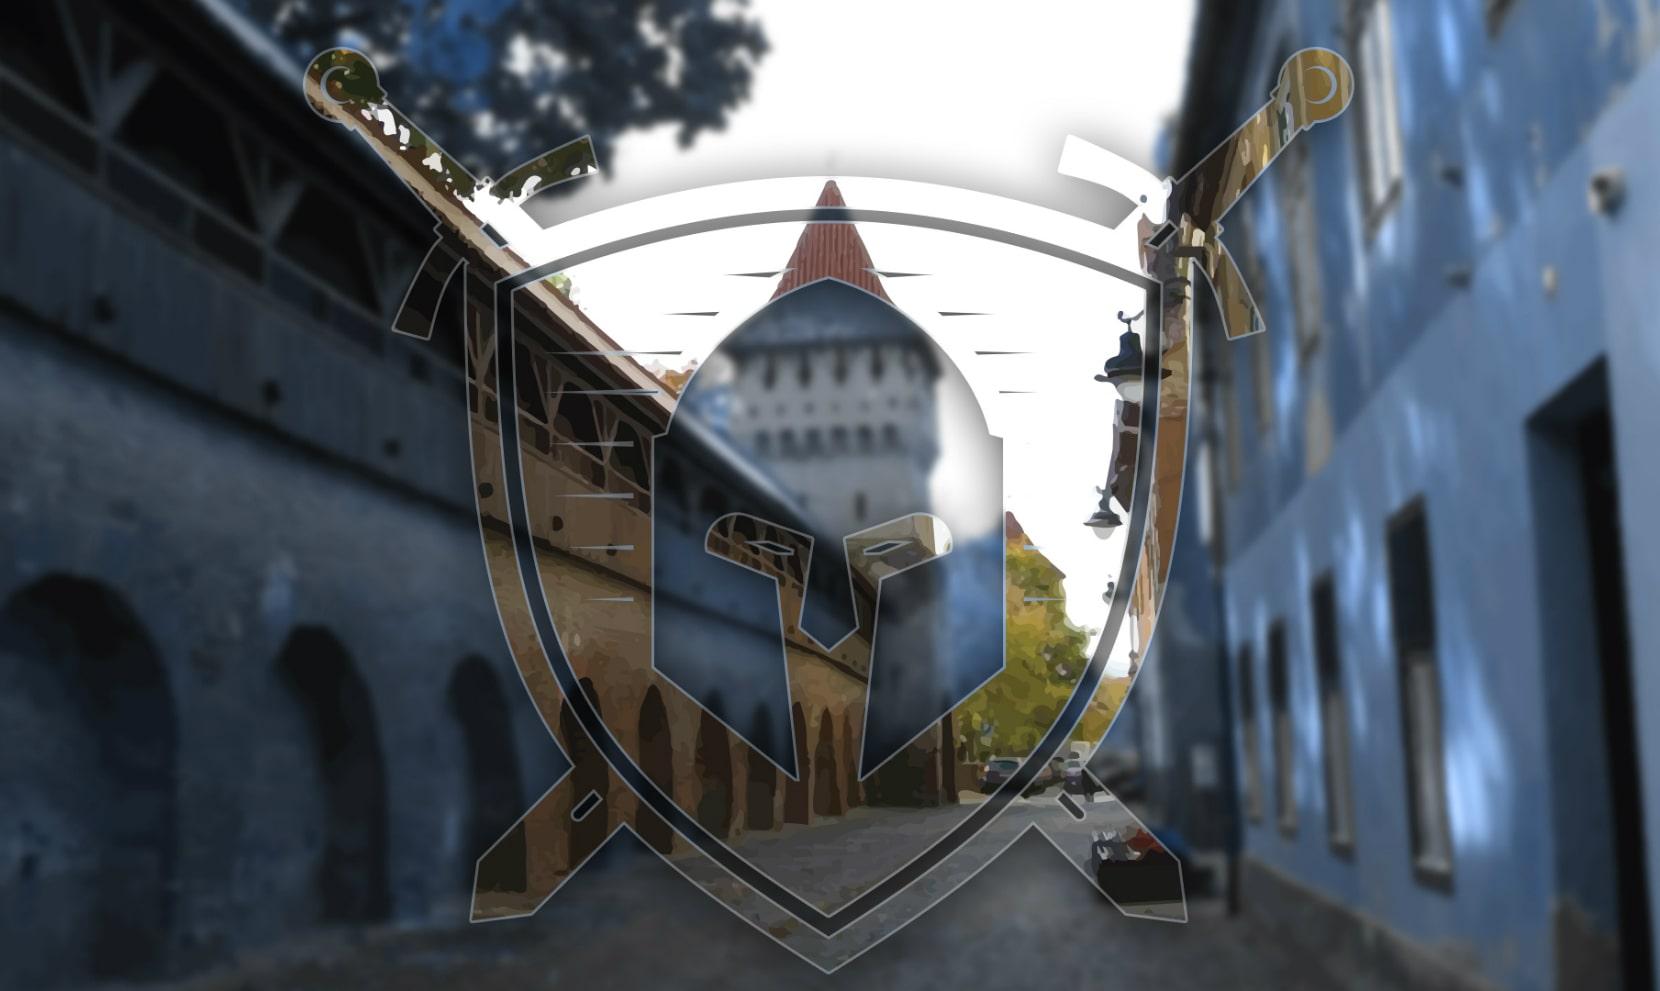 Bătălia Sibiului: legende medievale și povești image